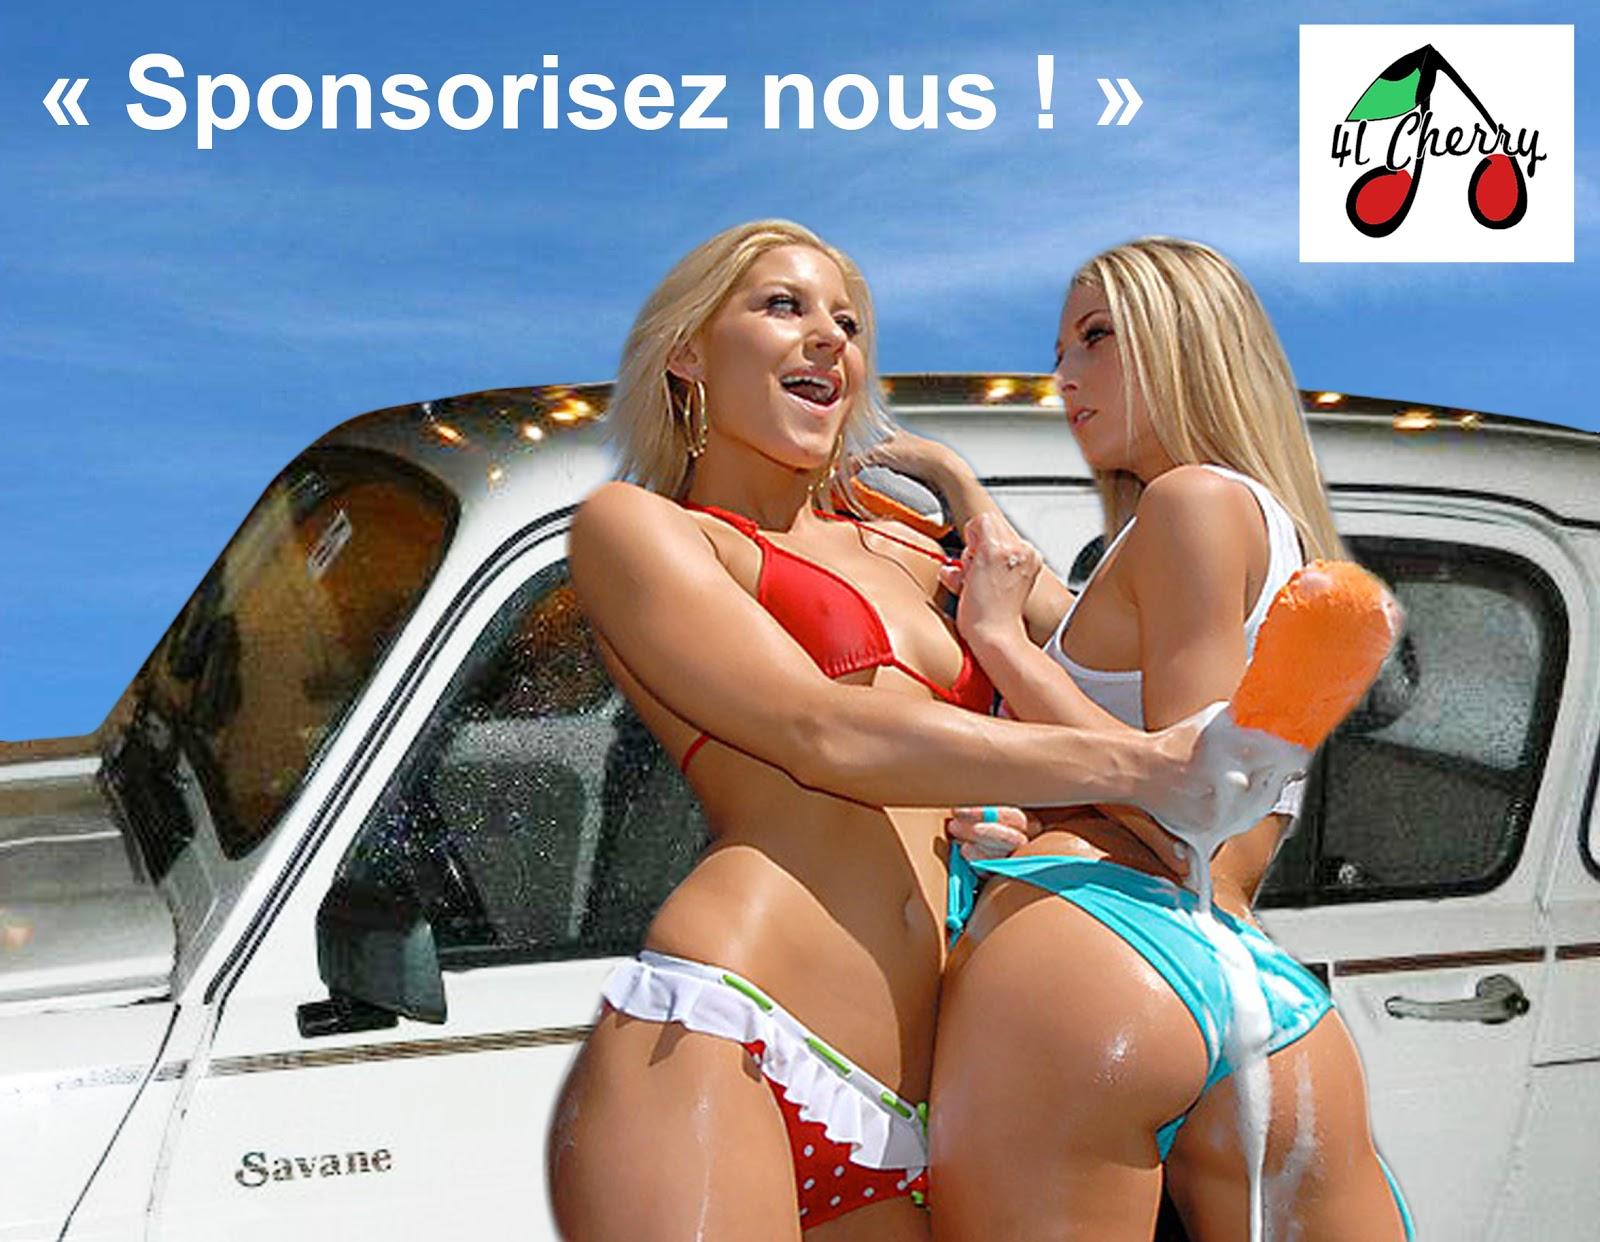 Xxxcams Et Plan Cul Sur Grenoble, Boulieu-les-Annonay